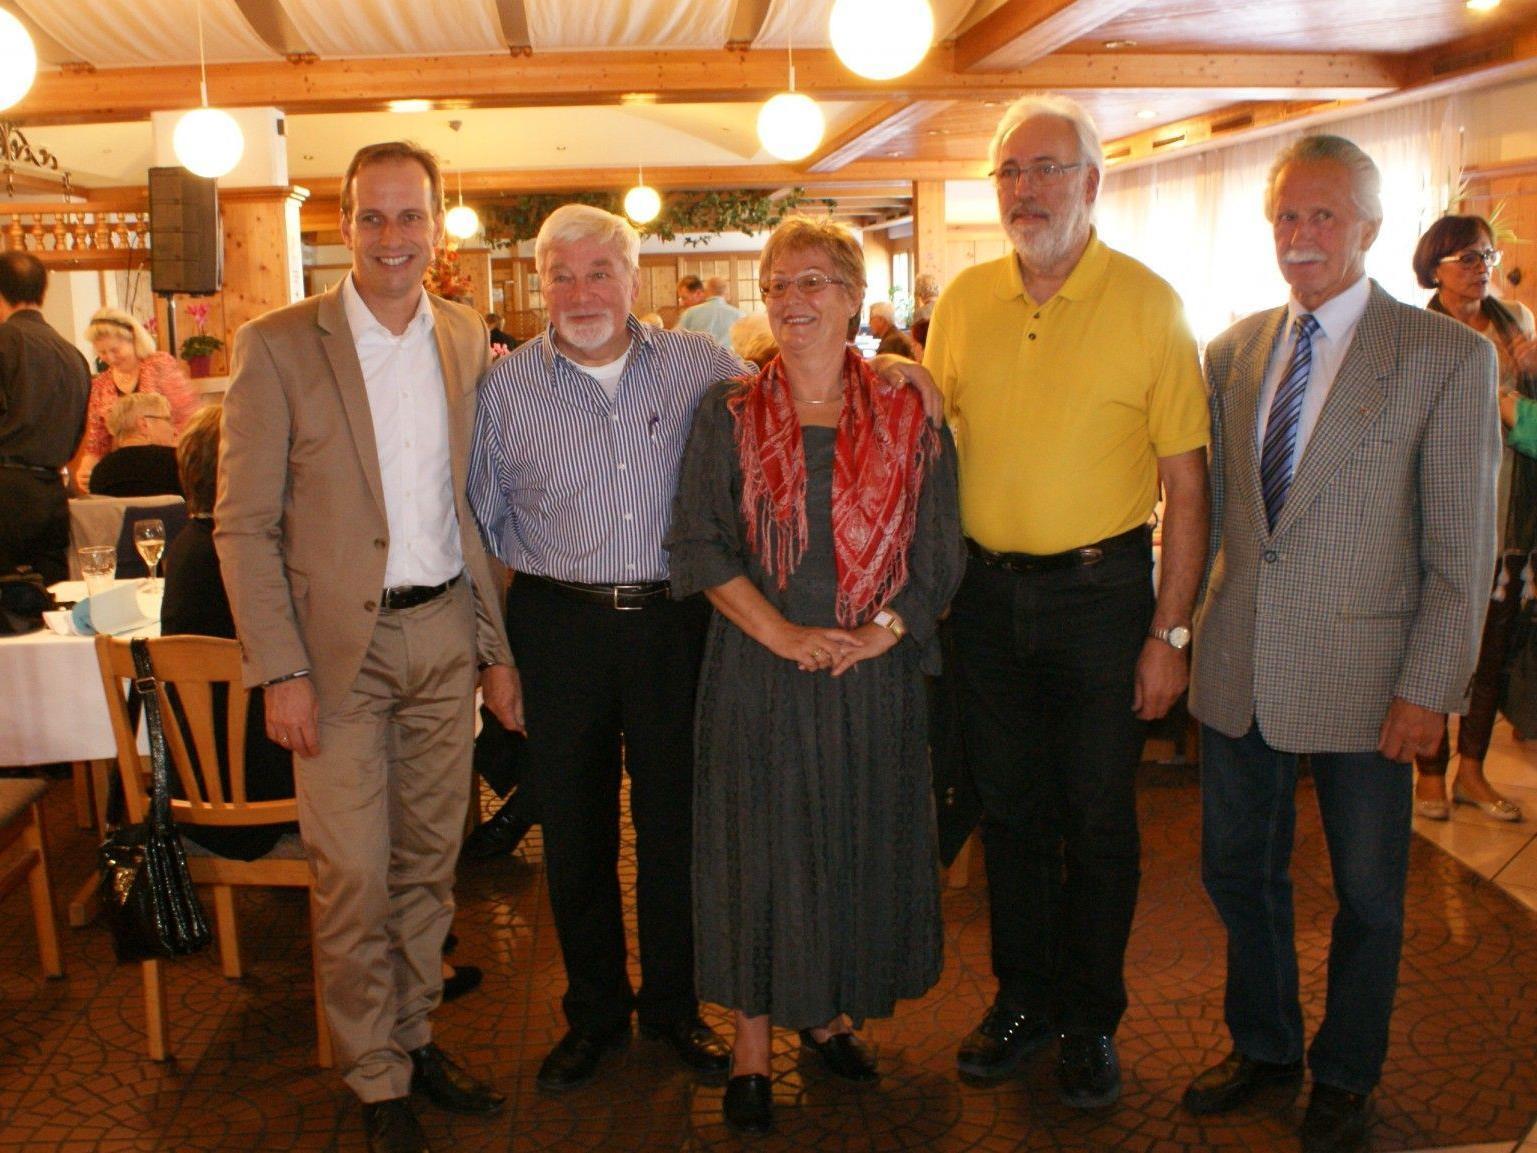 Vorarlberger Seniorenring hat sich zur wichtigen Seniorenvertretung entwickelt!